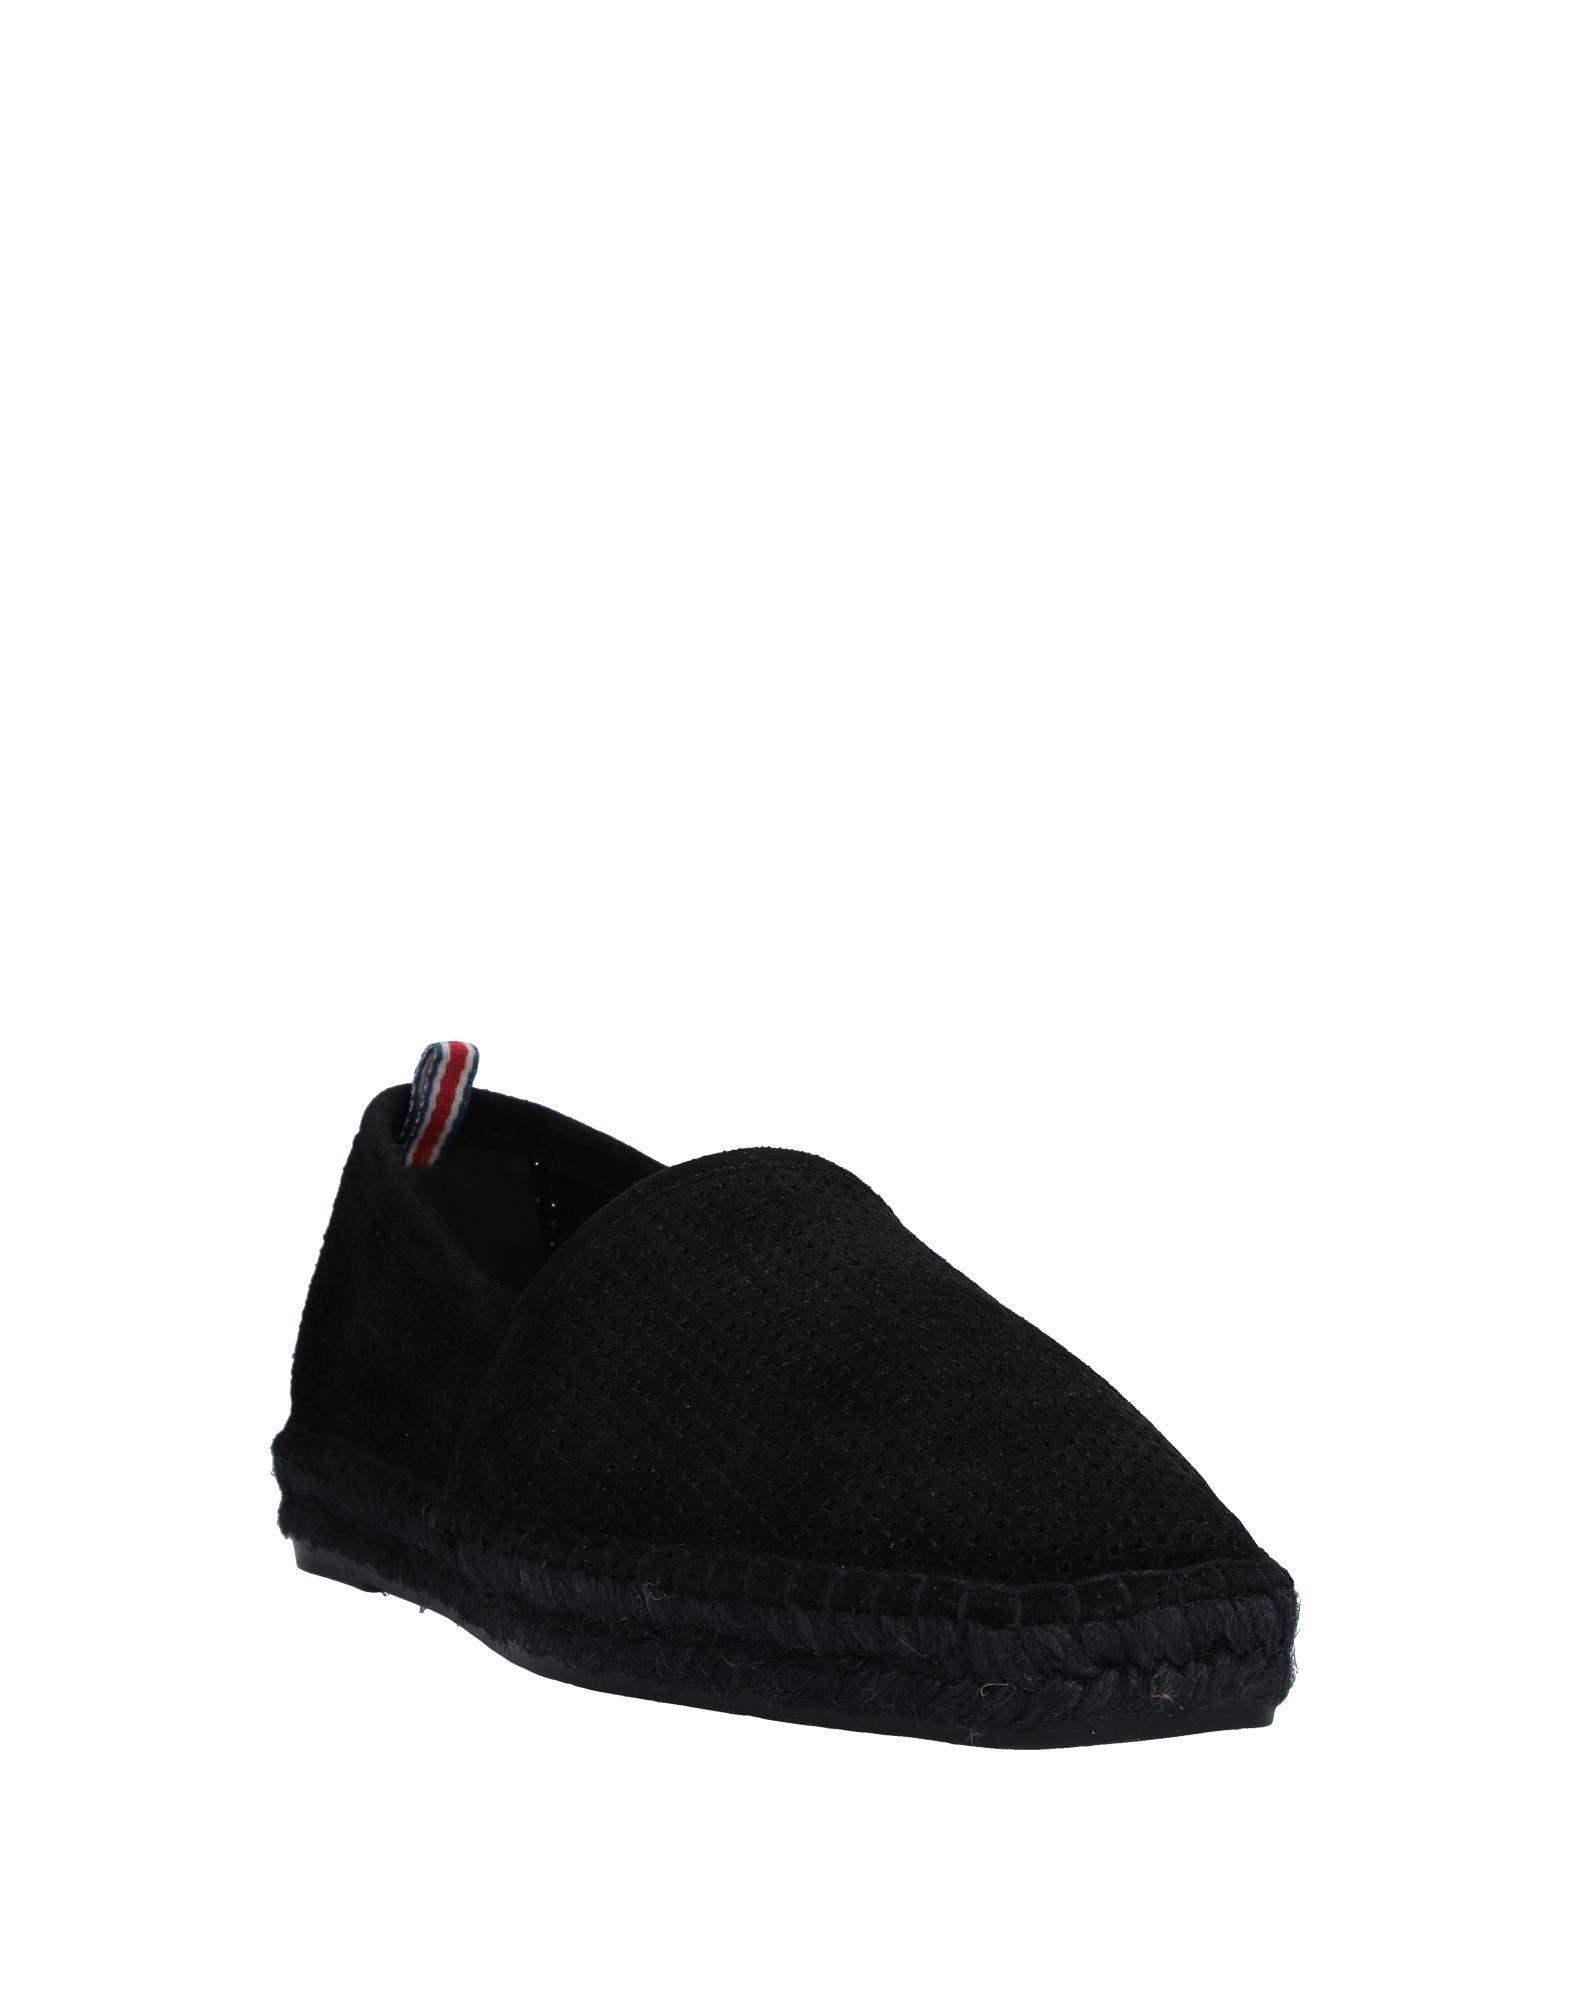 Rabatt Castañer echte Schuhe Castañer Rabatt Espadrilles Herren  11535786VK 8a4206